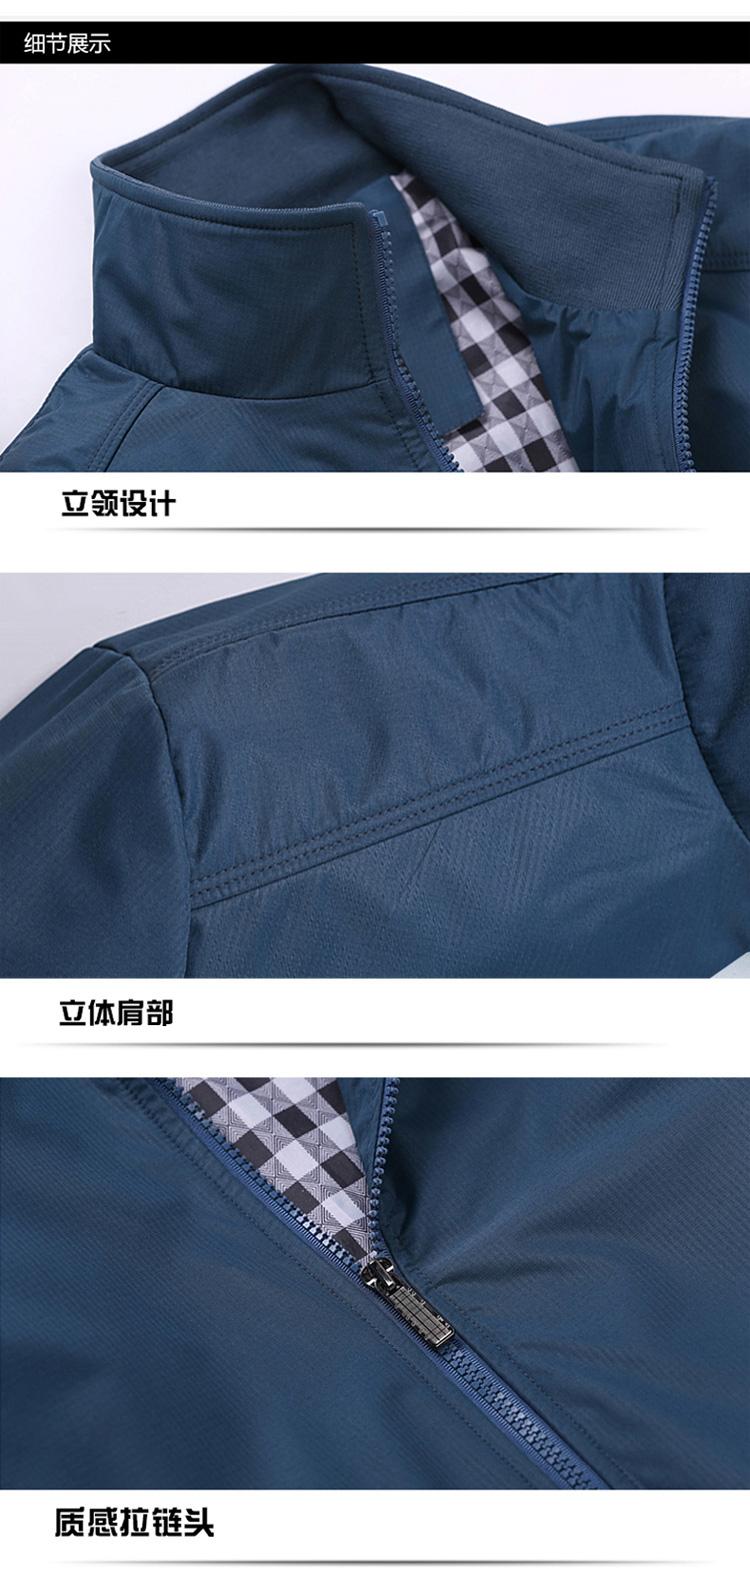 金盾(KIN DON)夹克 2019新款男士时尚简约立领夹克外套6601深蓝色M